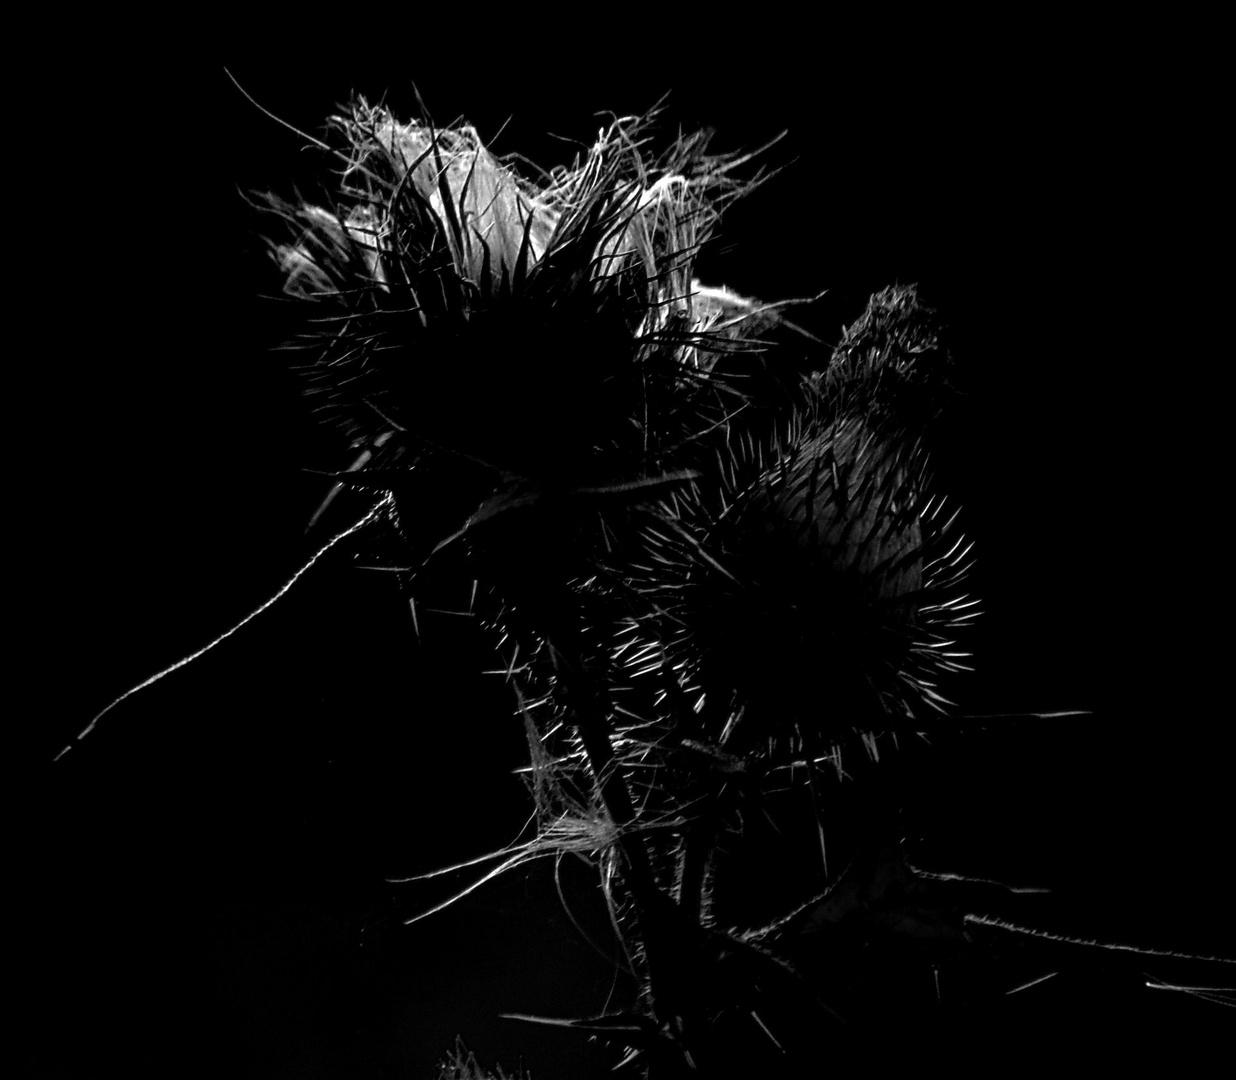 Herbst schwarz - weiss